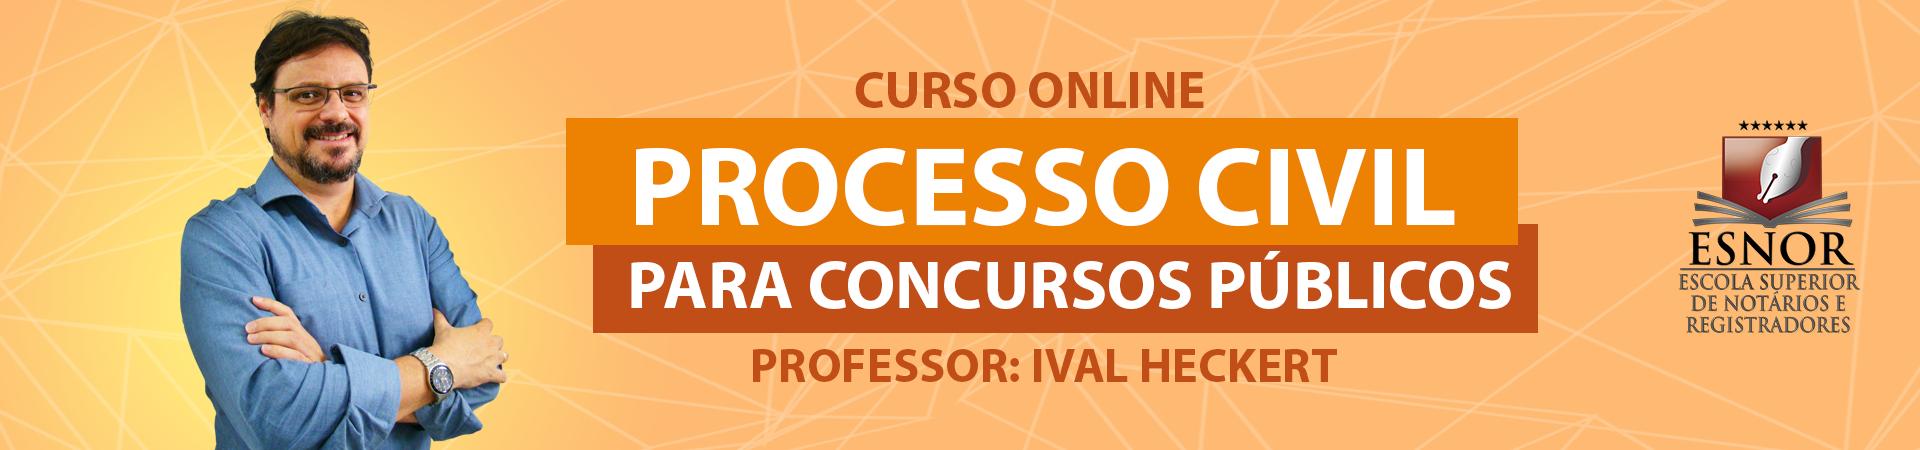 Processo Civil para Concursos - Prof. Ival Heckert